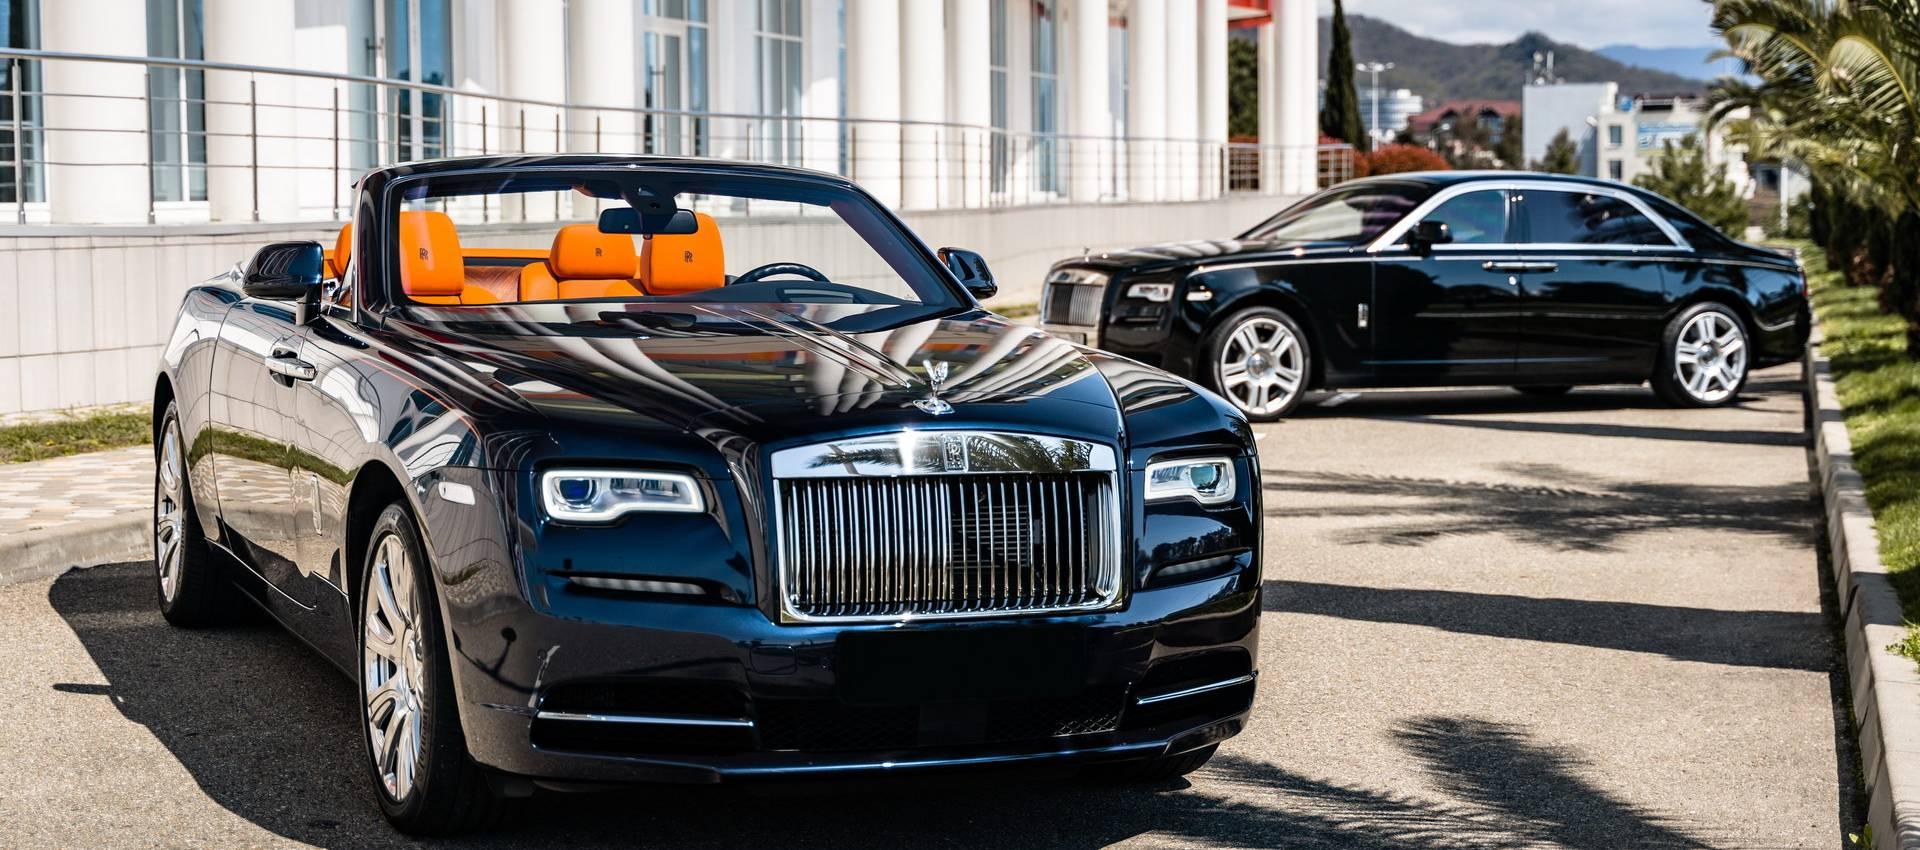 Аренда Rolls-Royce в Сочи